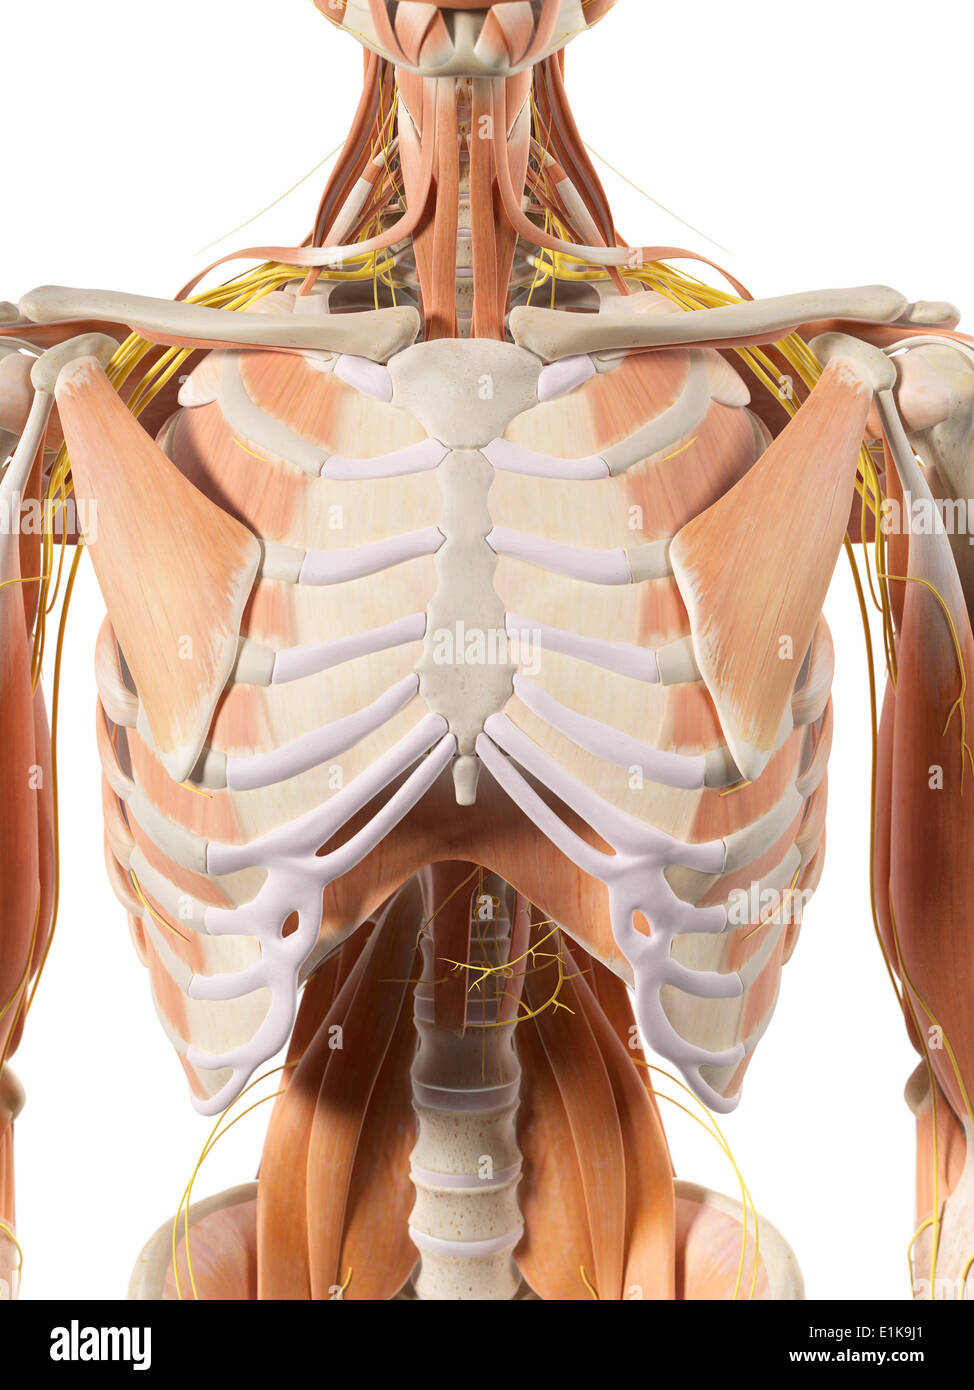 thoracic nerve